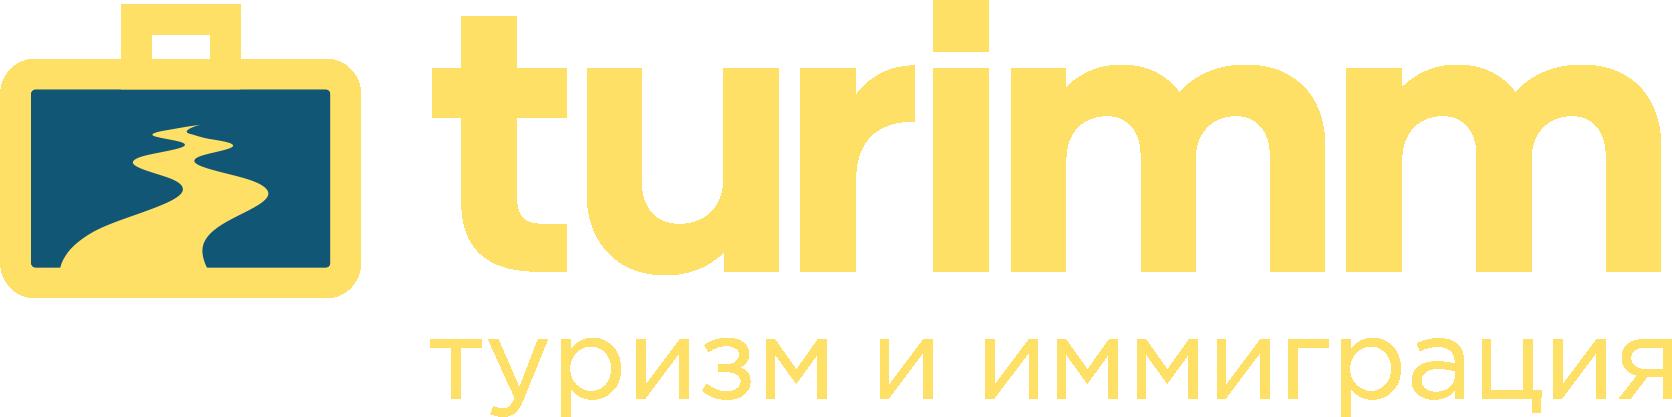 logo turimm